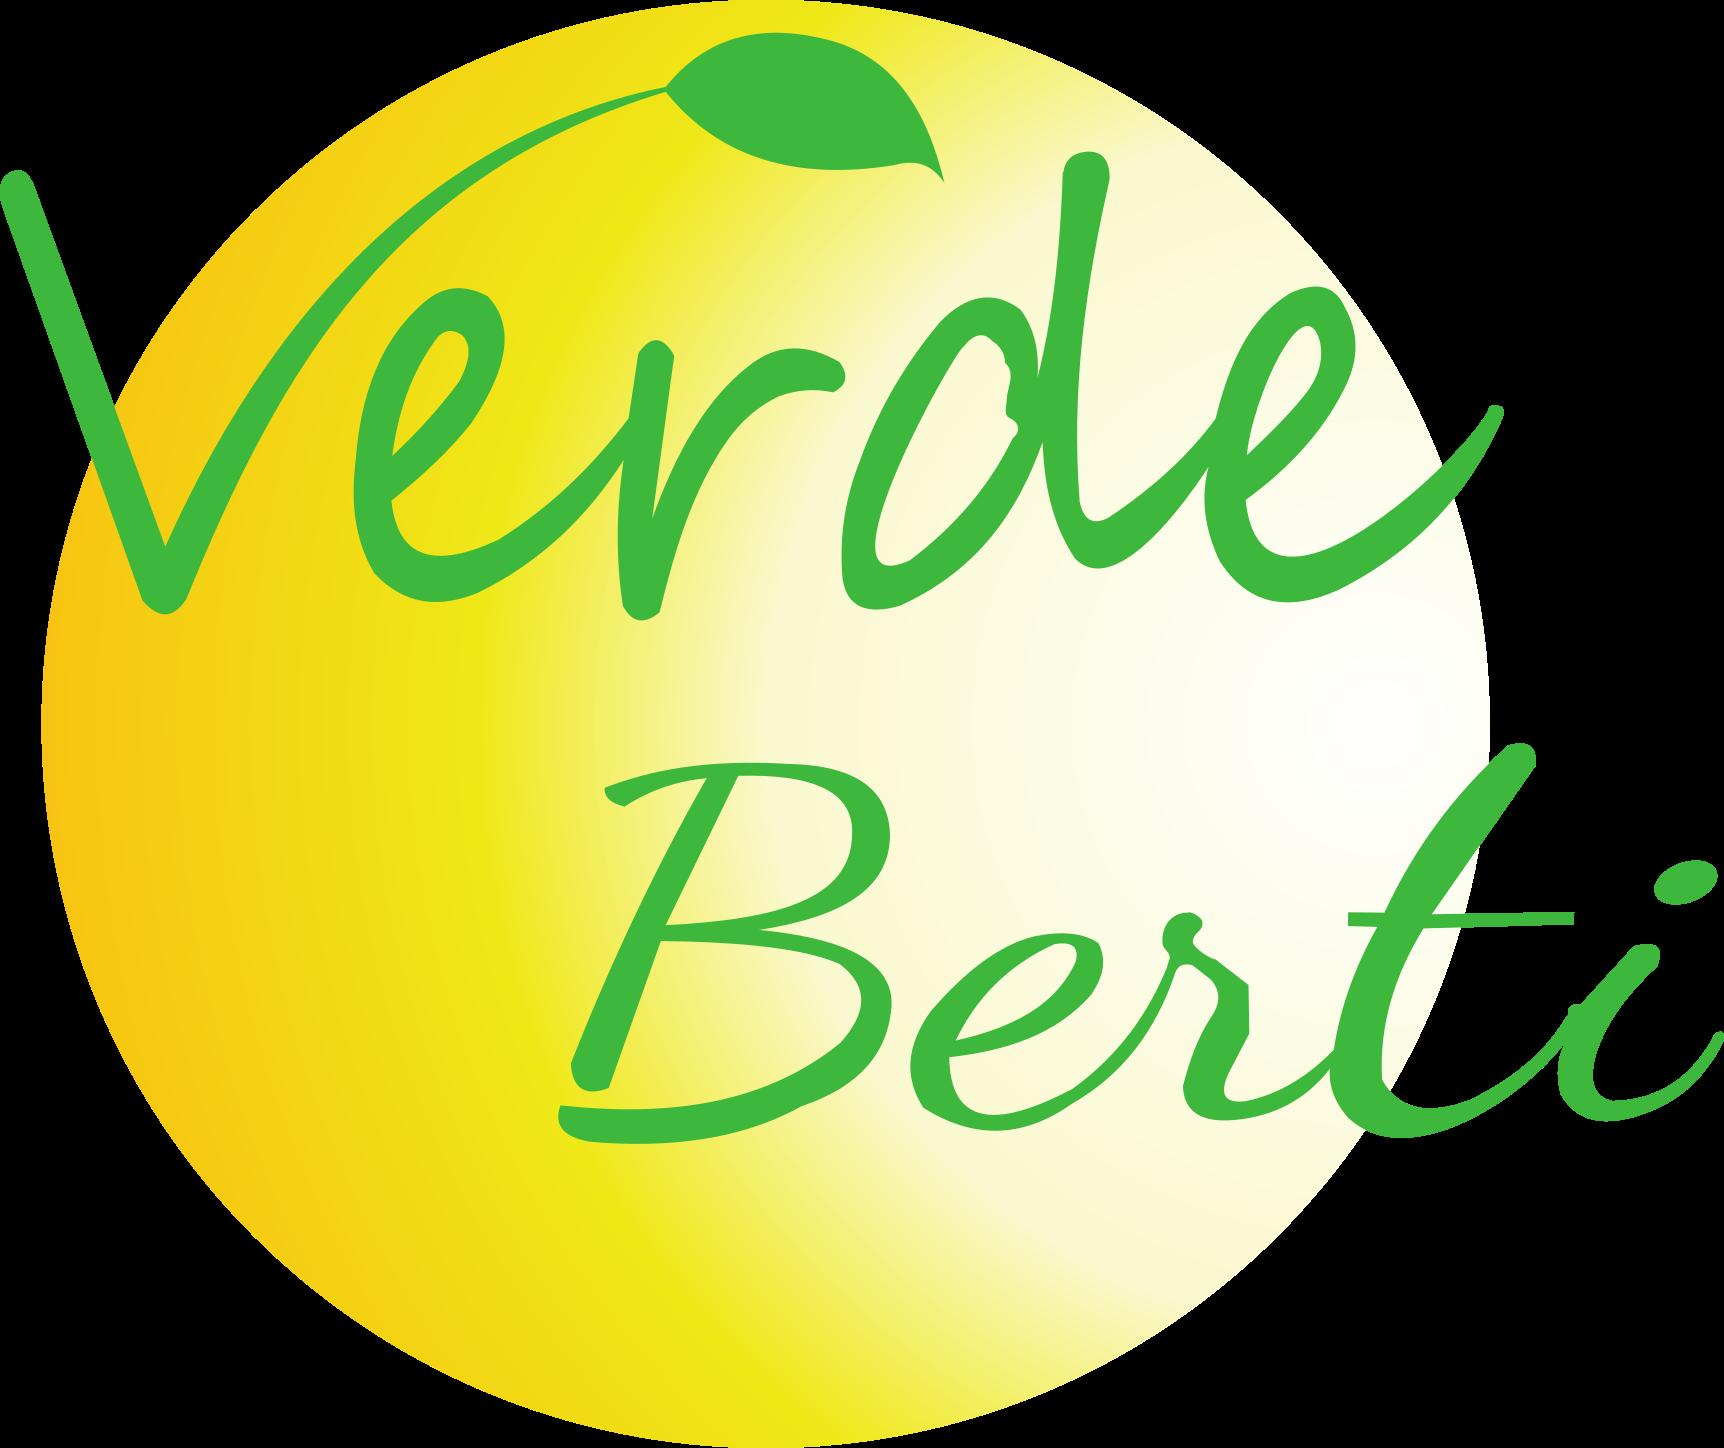 Verde Berti